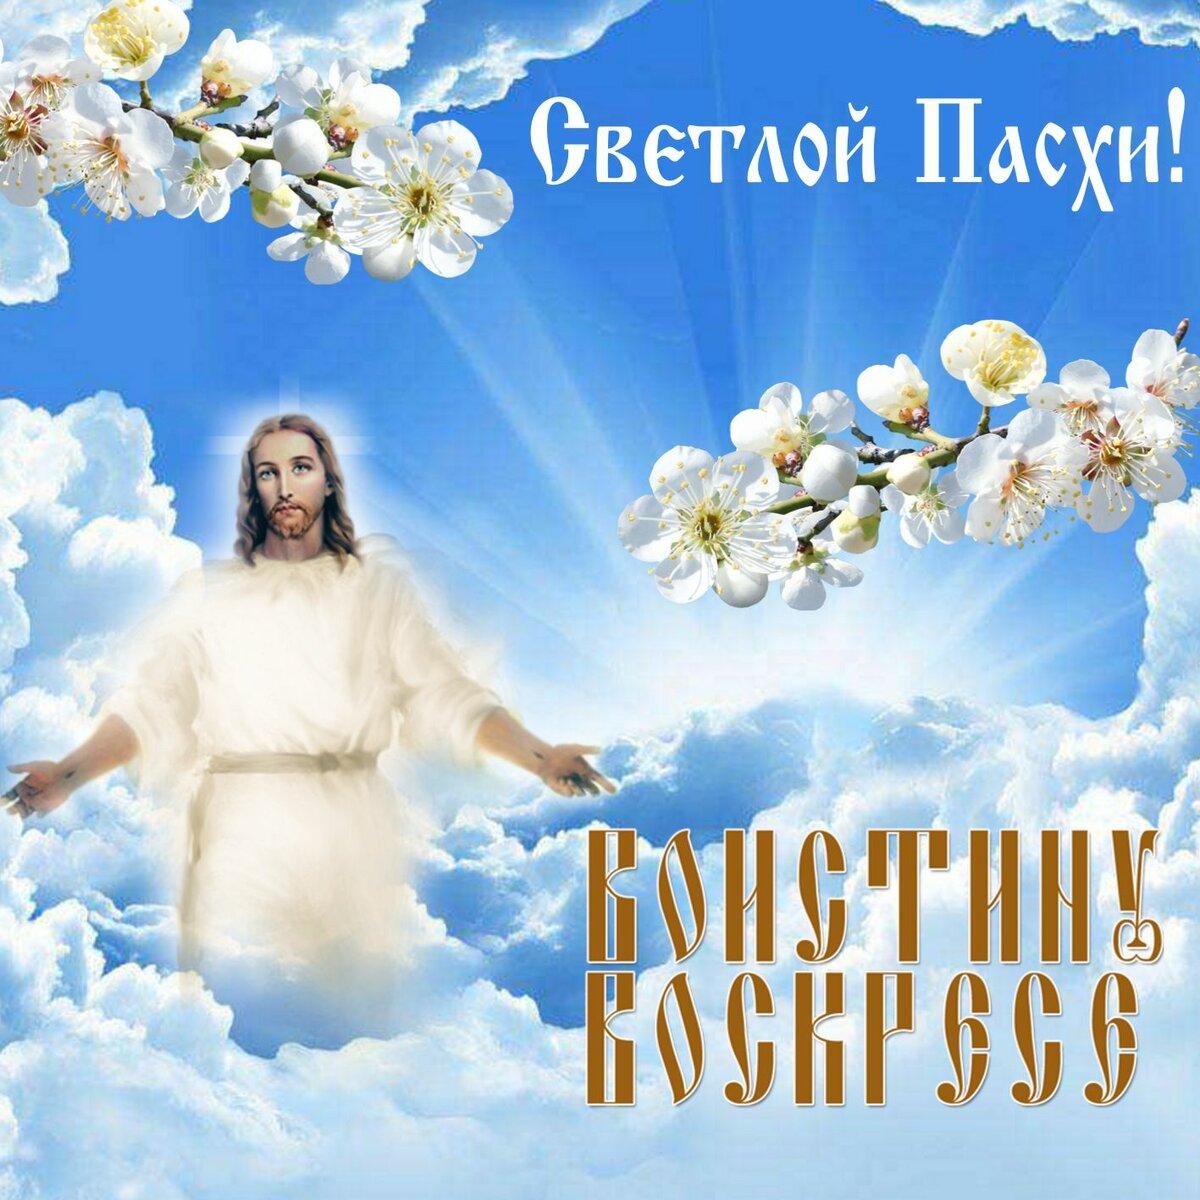 Открытки с христос воскресенье, поздравления